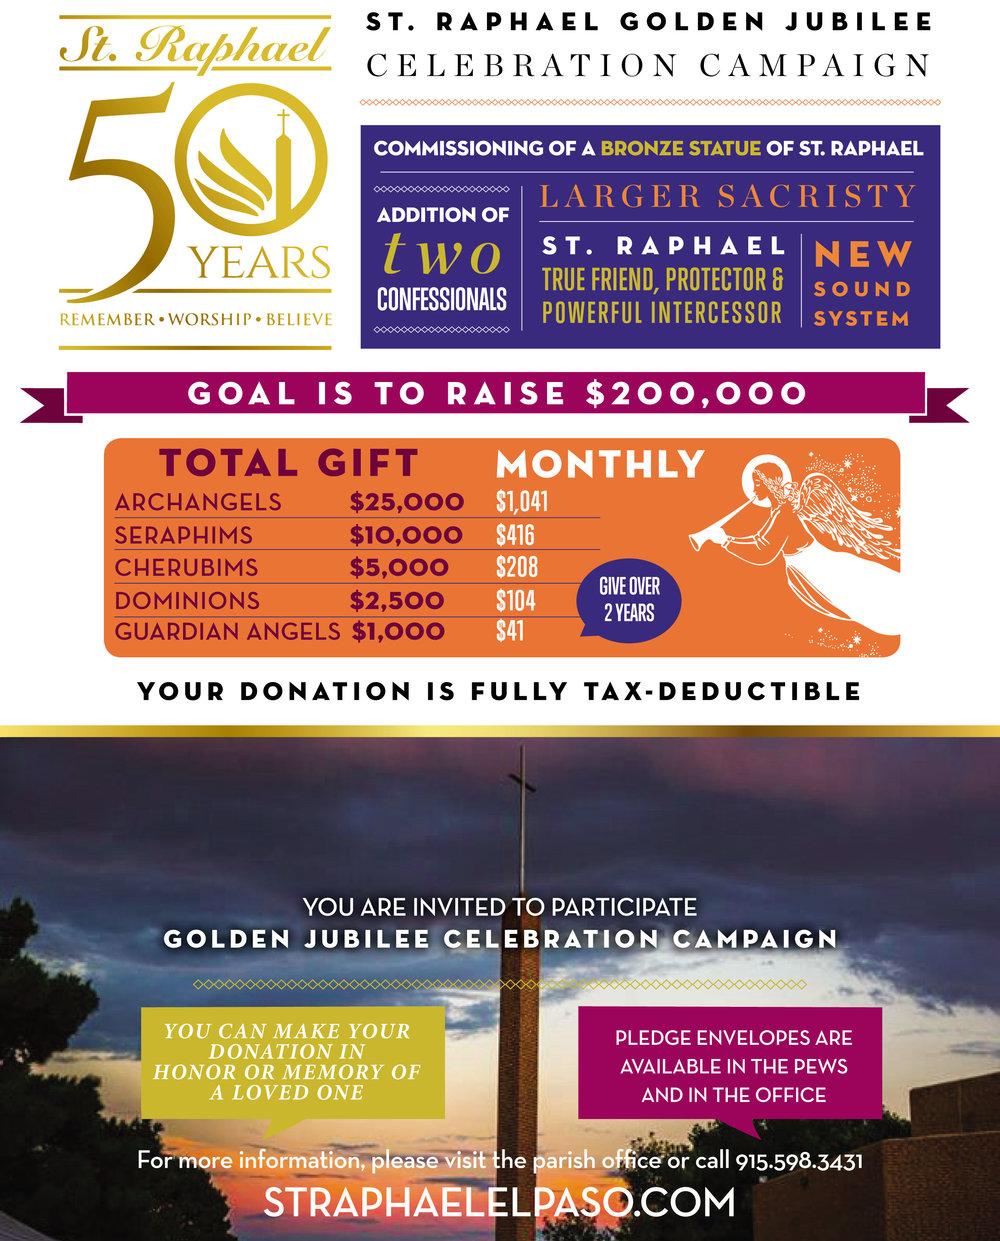 St Raphael Golden Jubilee Campaign.jpg